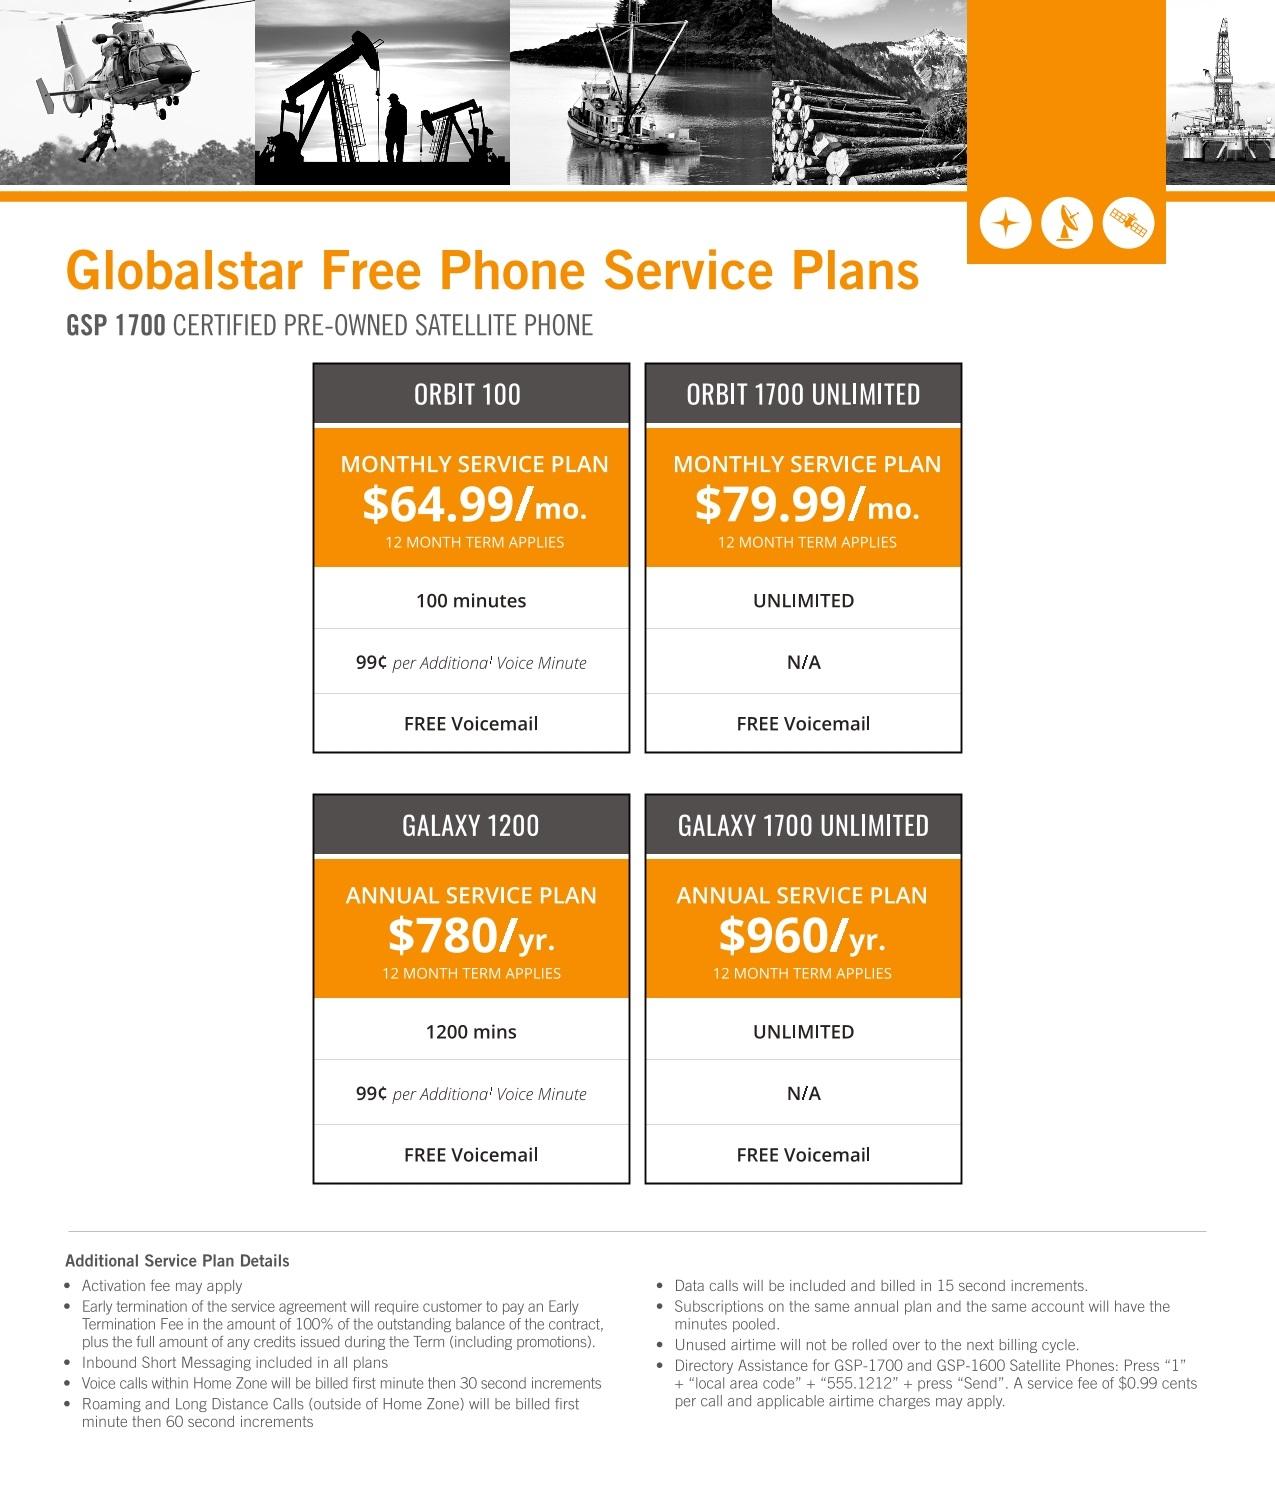 free-gsp1700-plans.jpg